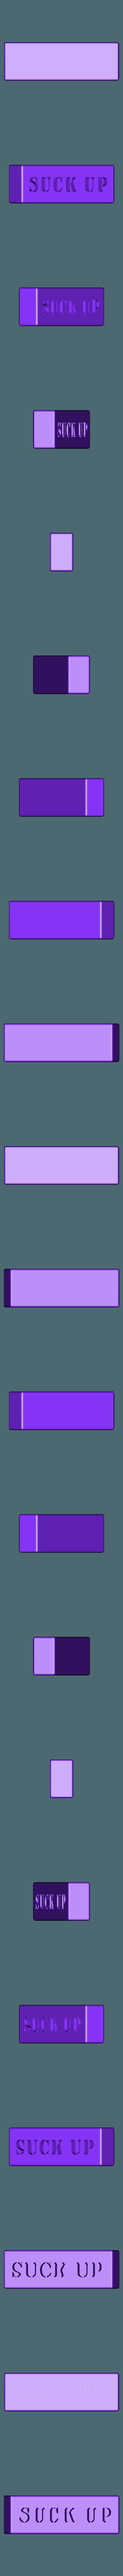 Jenga block - Suck up.stl Download STL file Jenga Rules • 3D print model, Made_In_Space